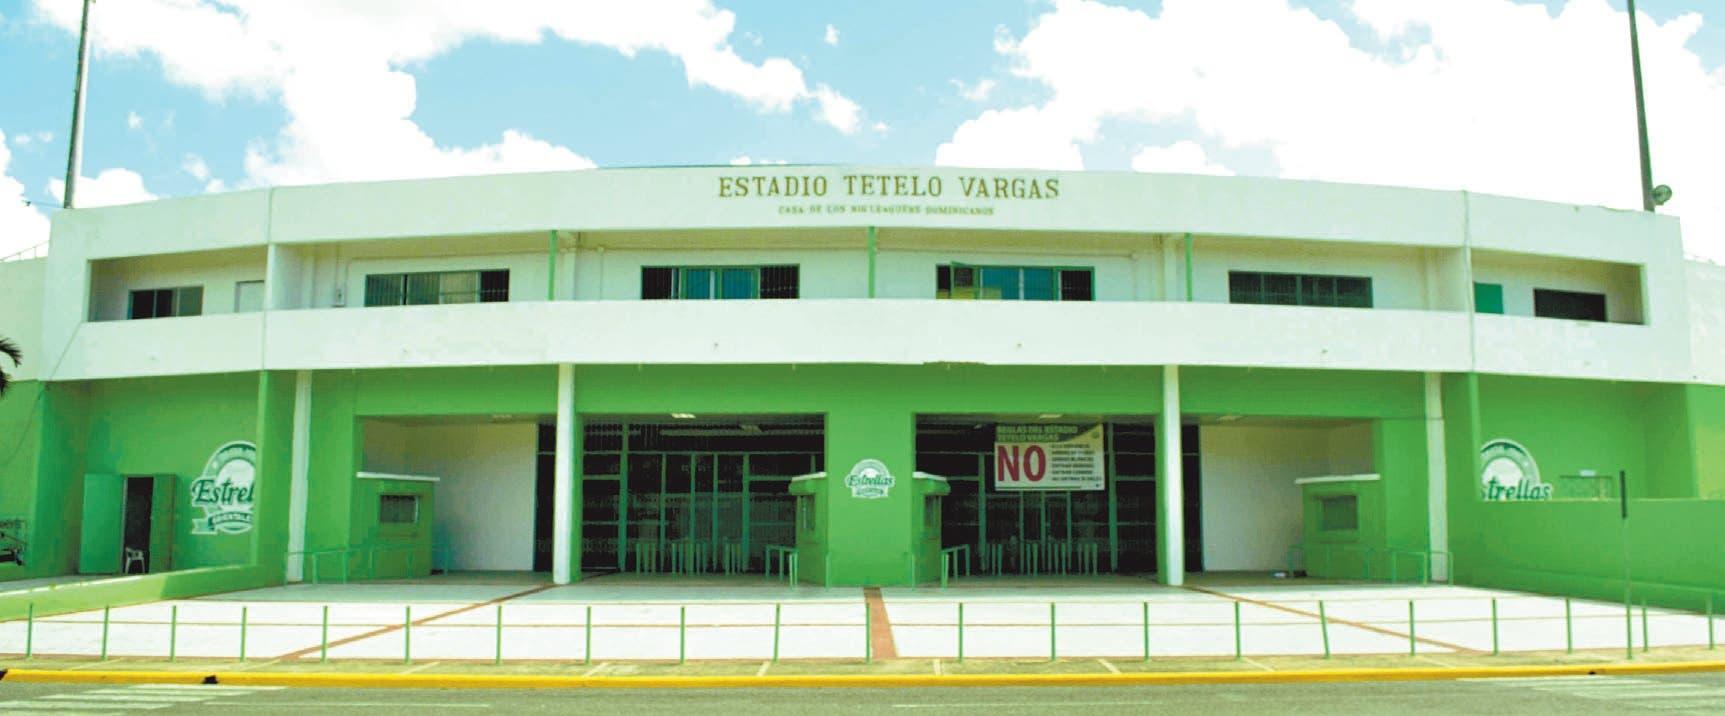 Fanáticos se quejan por condiciones del Estadio Tetelo Vargas